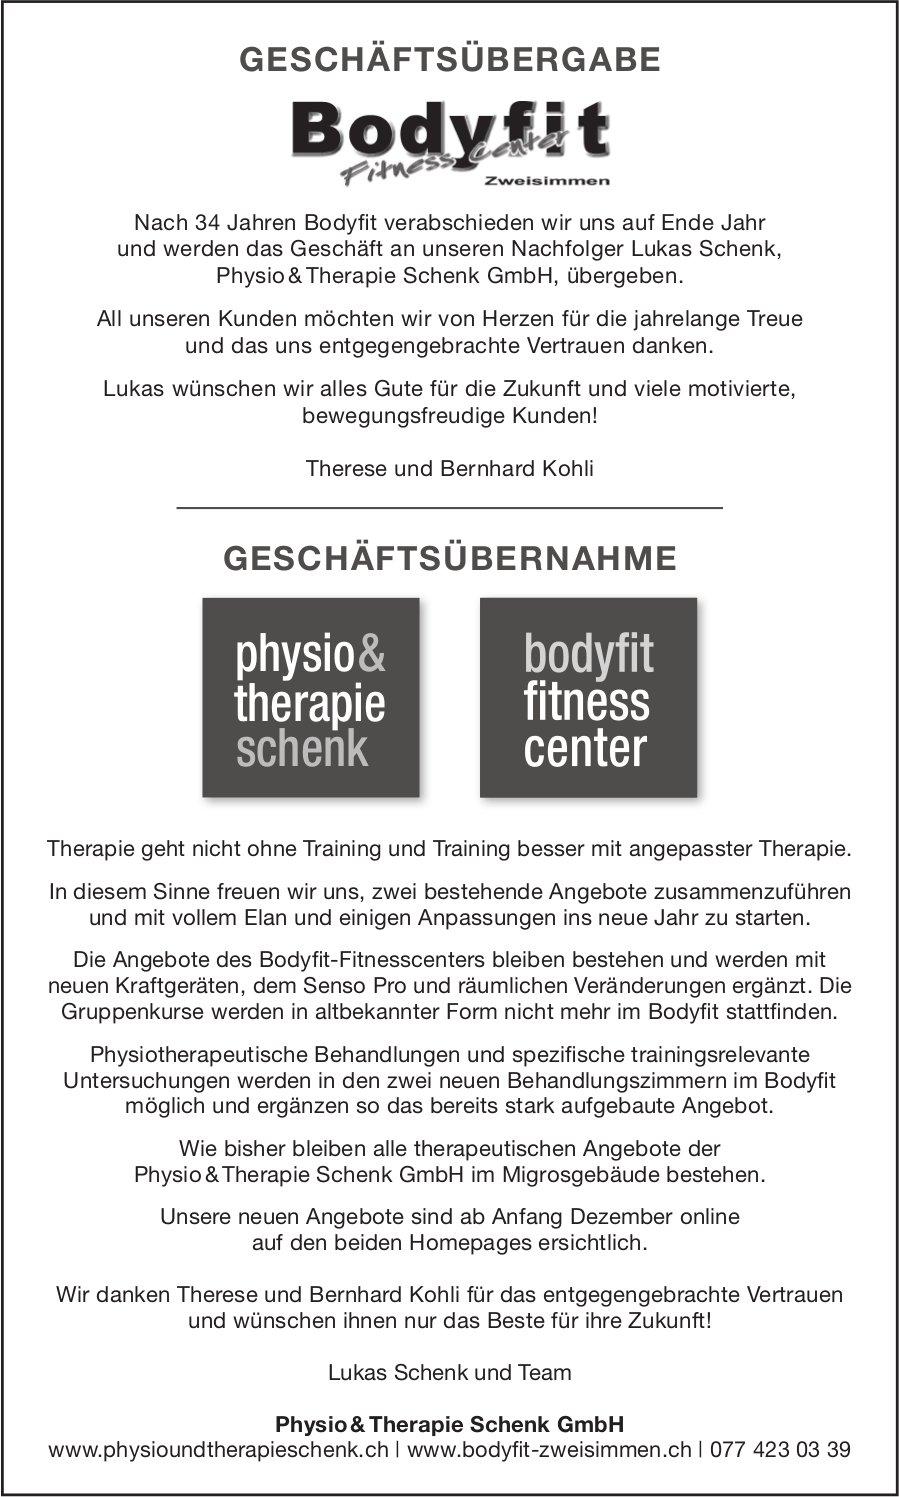 Physio & Therapie Schenk GmbH, Zweisimmen - Geschäftsübergabe Bodyfit Fitness Center